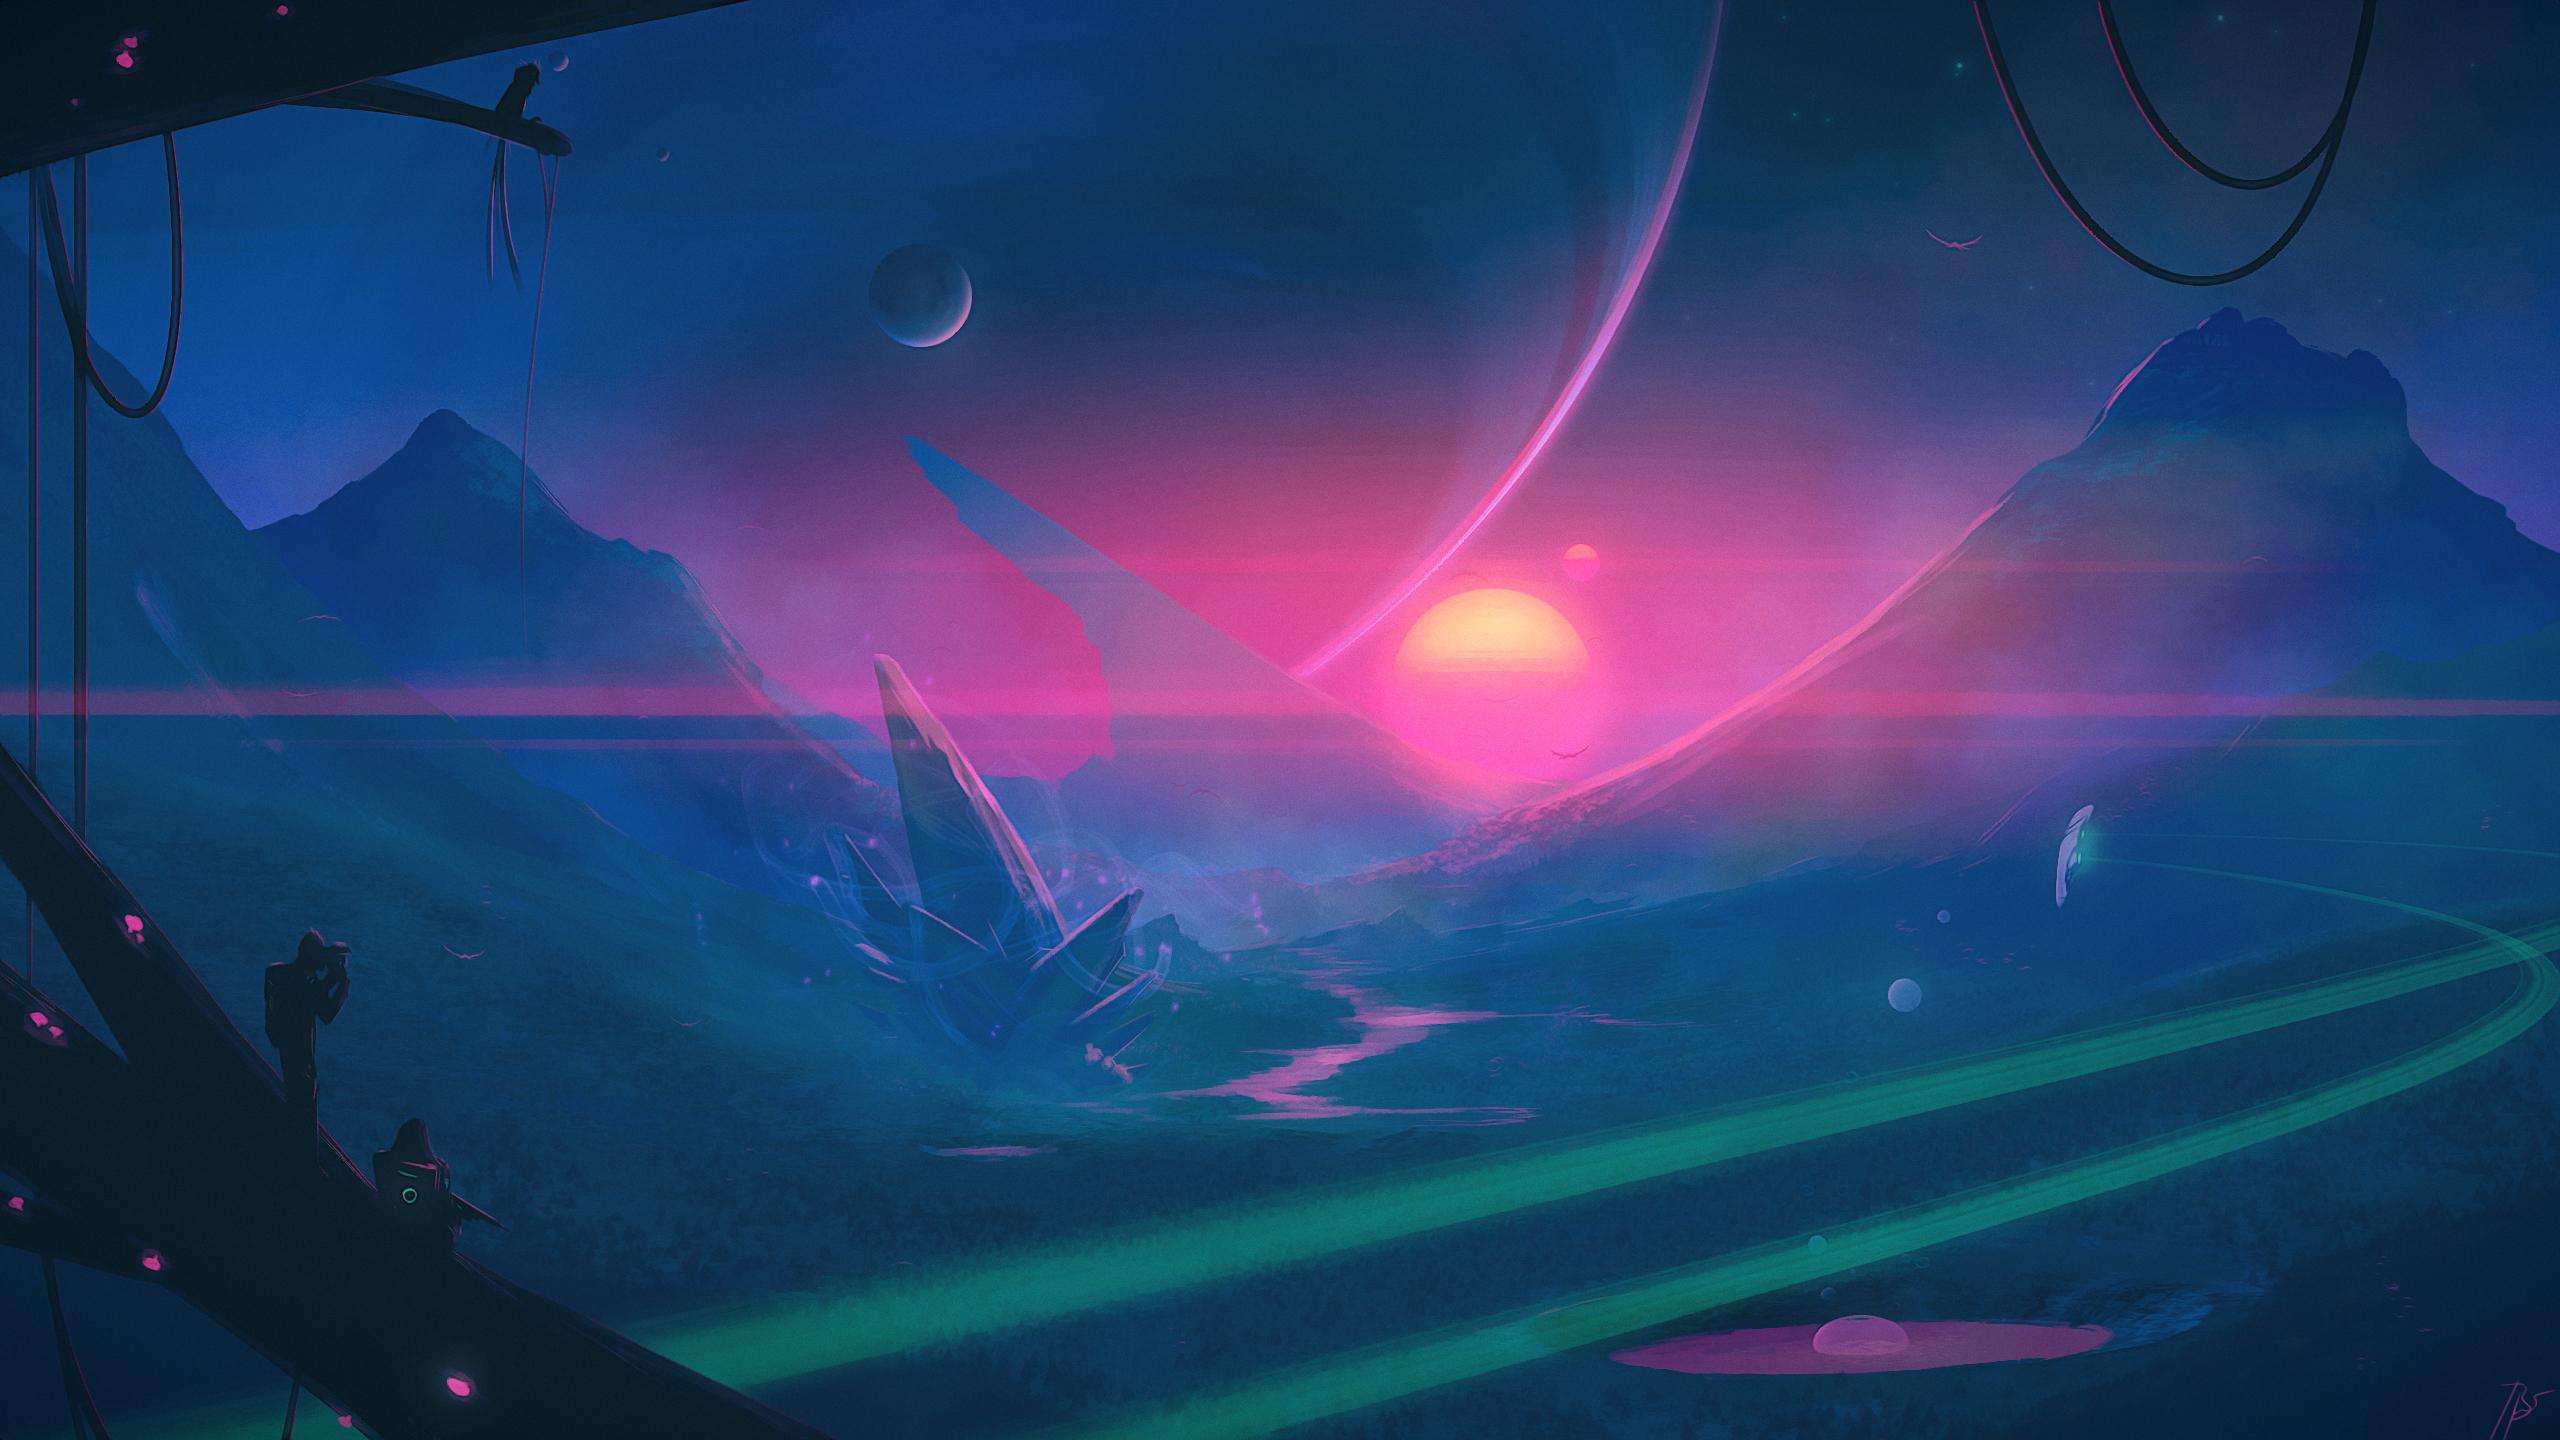 sunsetonanalienplanet.jpg